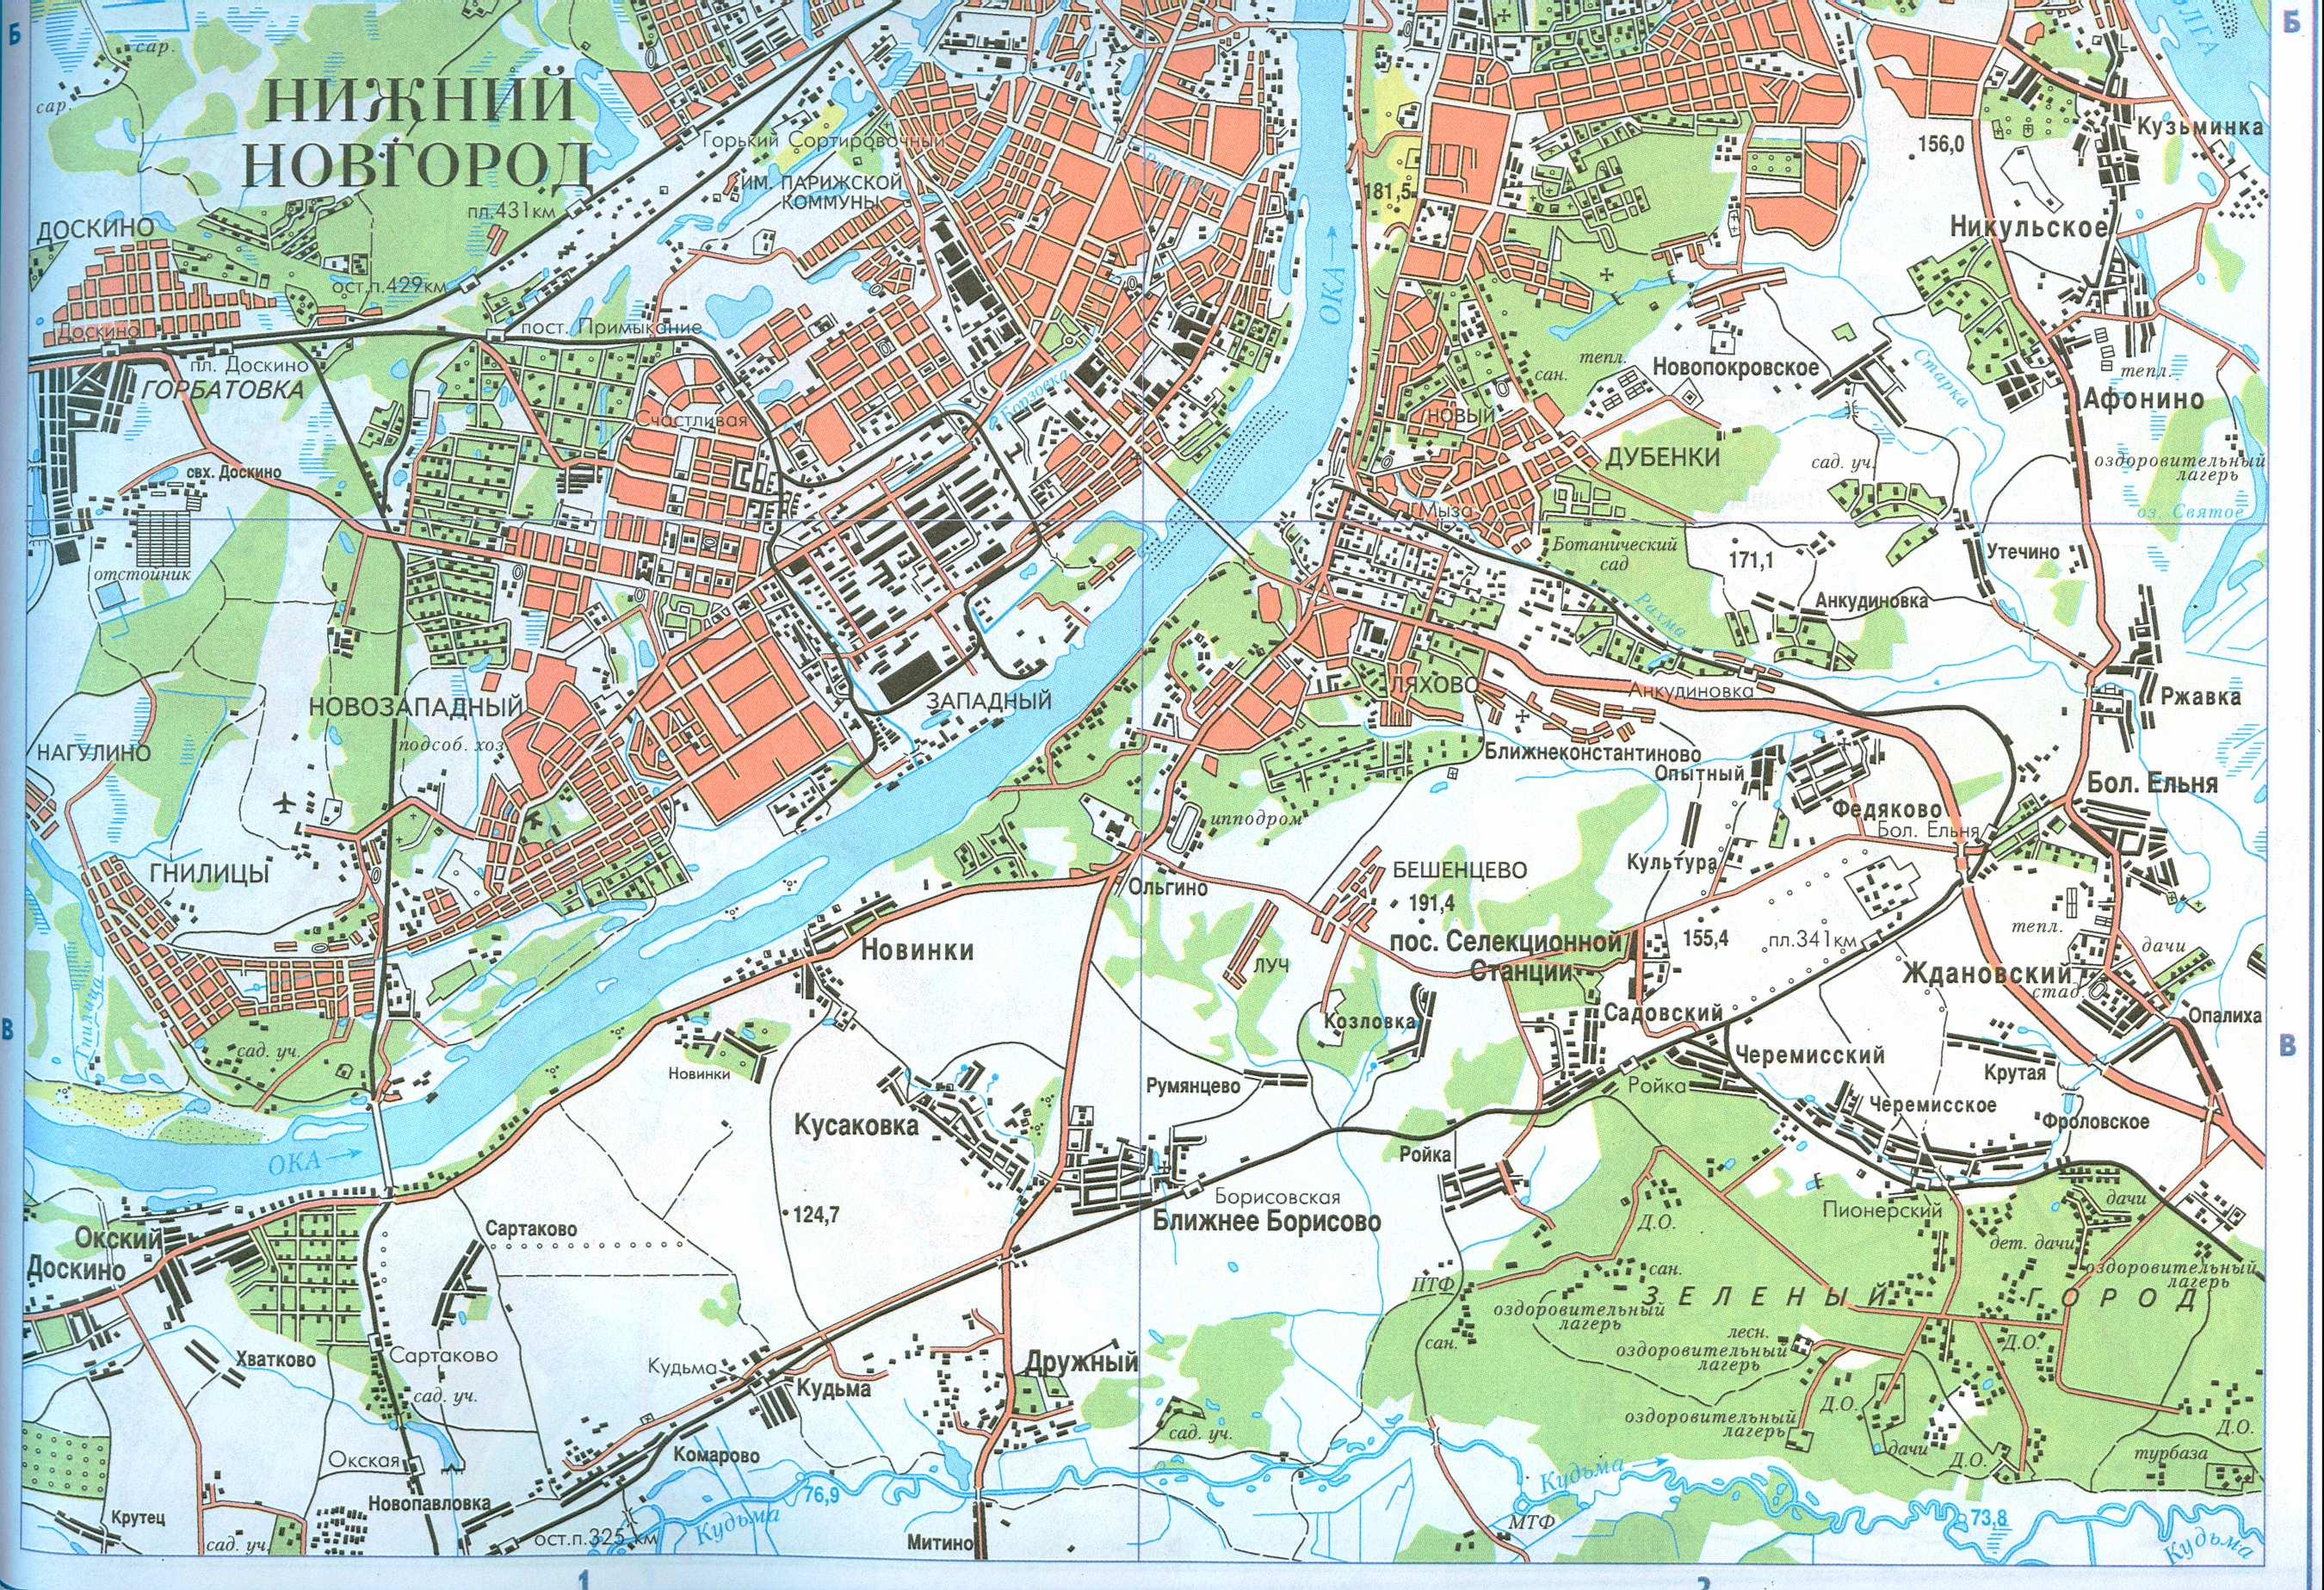 Подробная карта Нижнего Новгорода и его окрестностей (юг) .